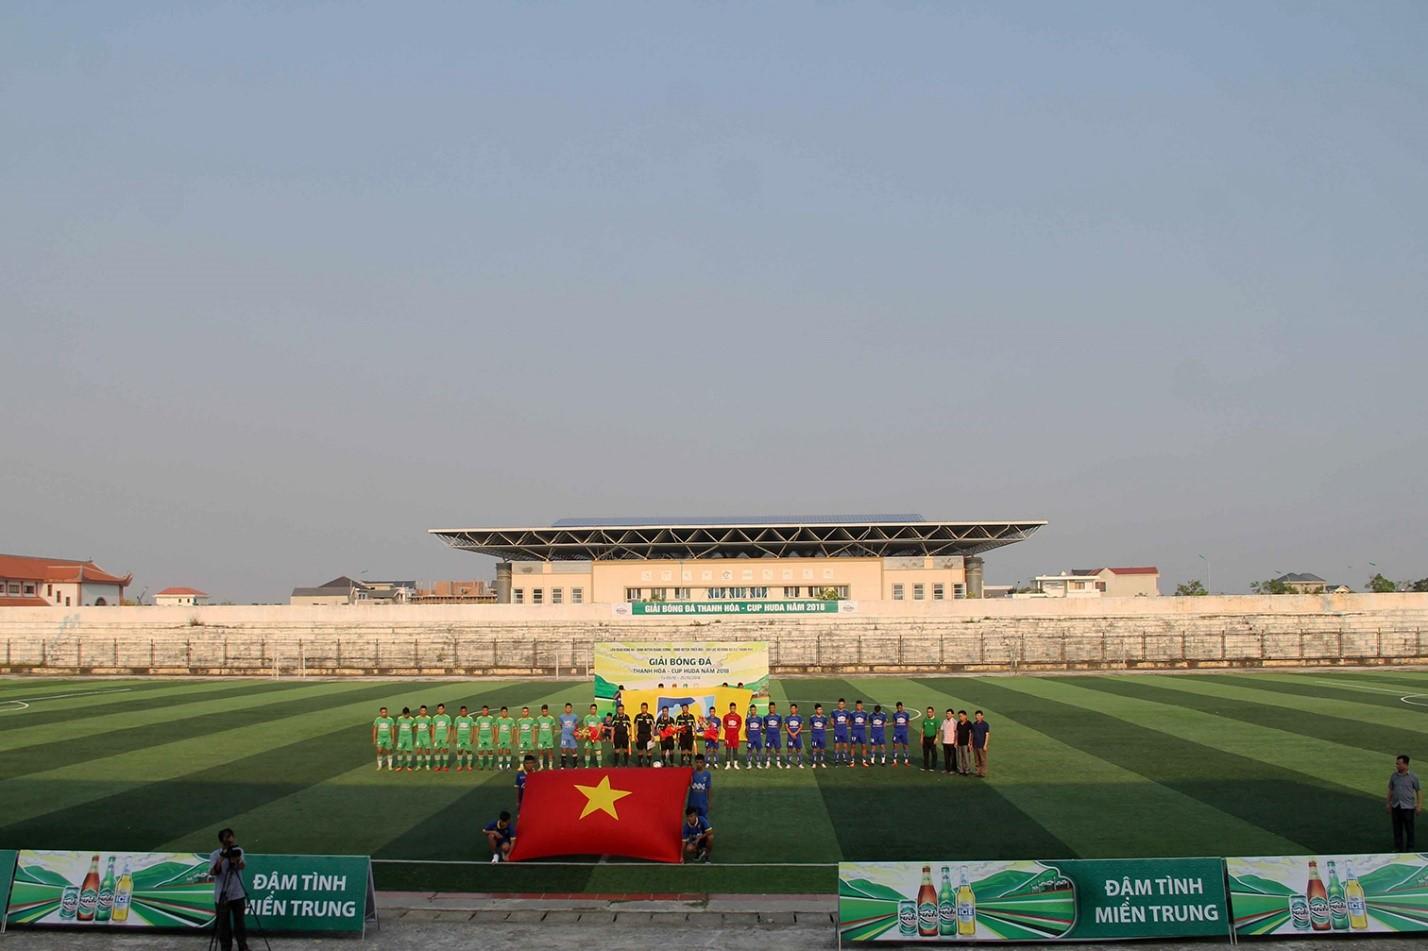 Giải Bóng đá Thanh Hóa – Cúp Huda là giải bóng đá thường niên được người hâm mộ môn thể thao vua xứ Thanh yêu thích và chờ đón